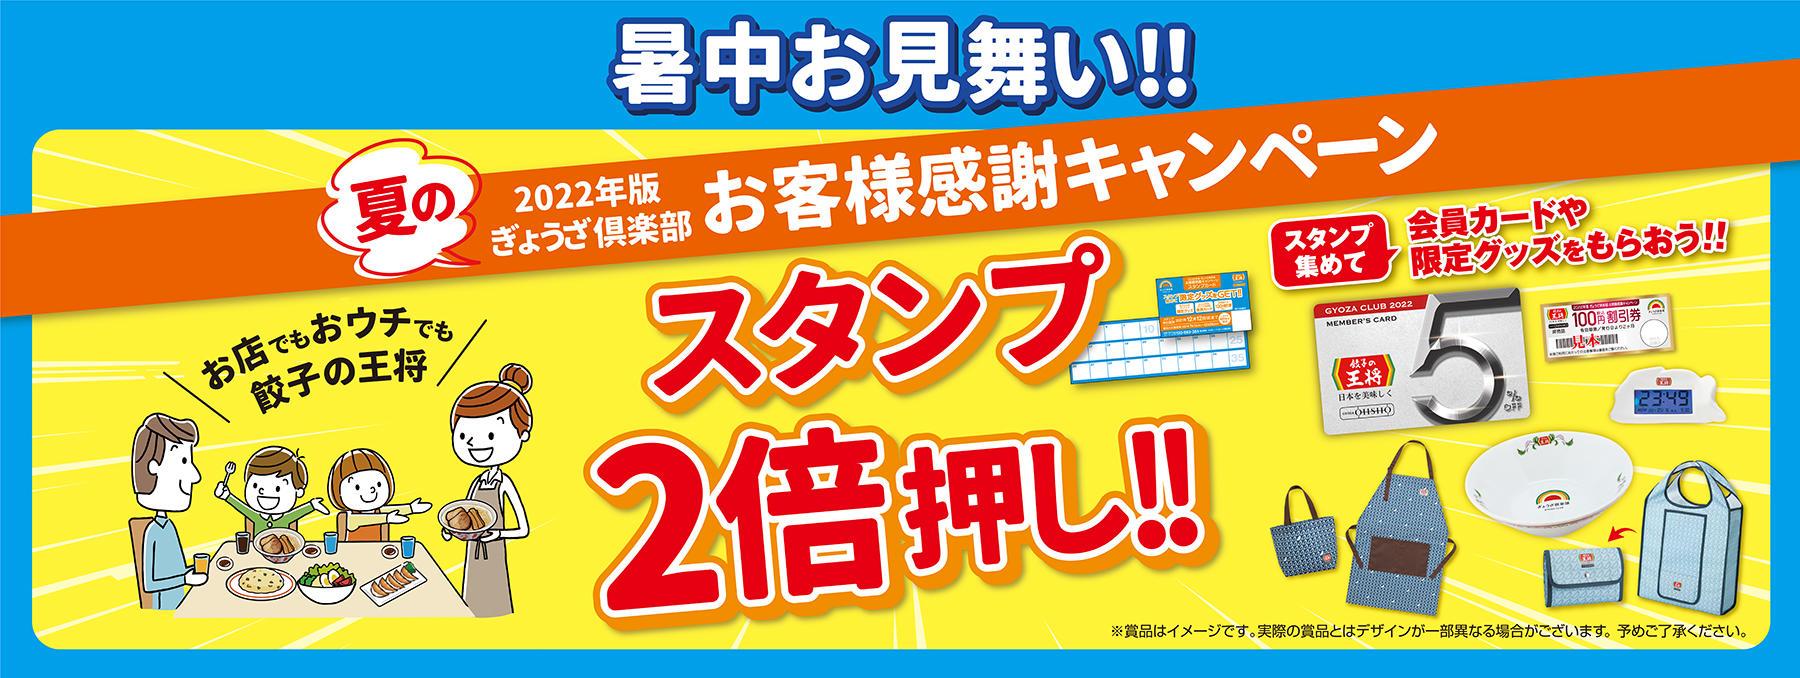 2bai2021_07info.jpg